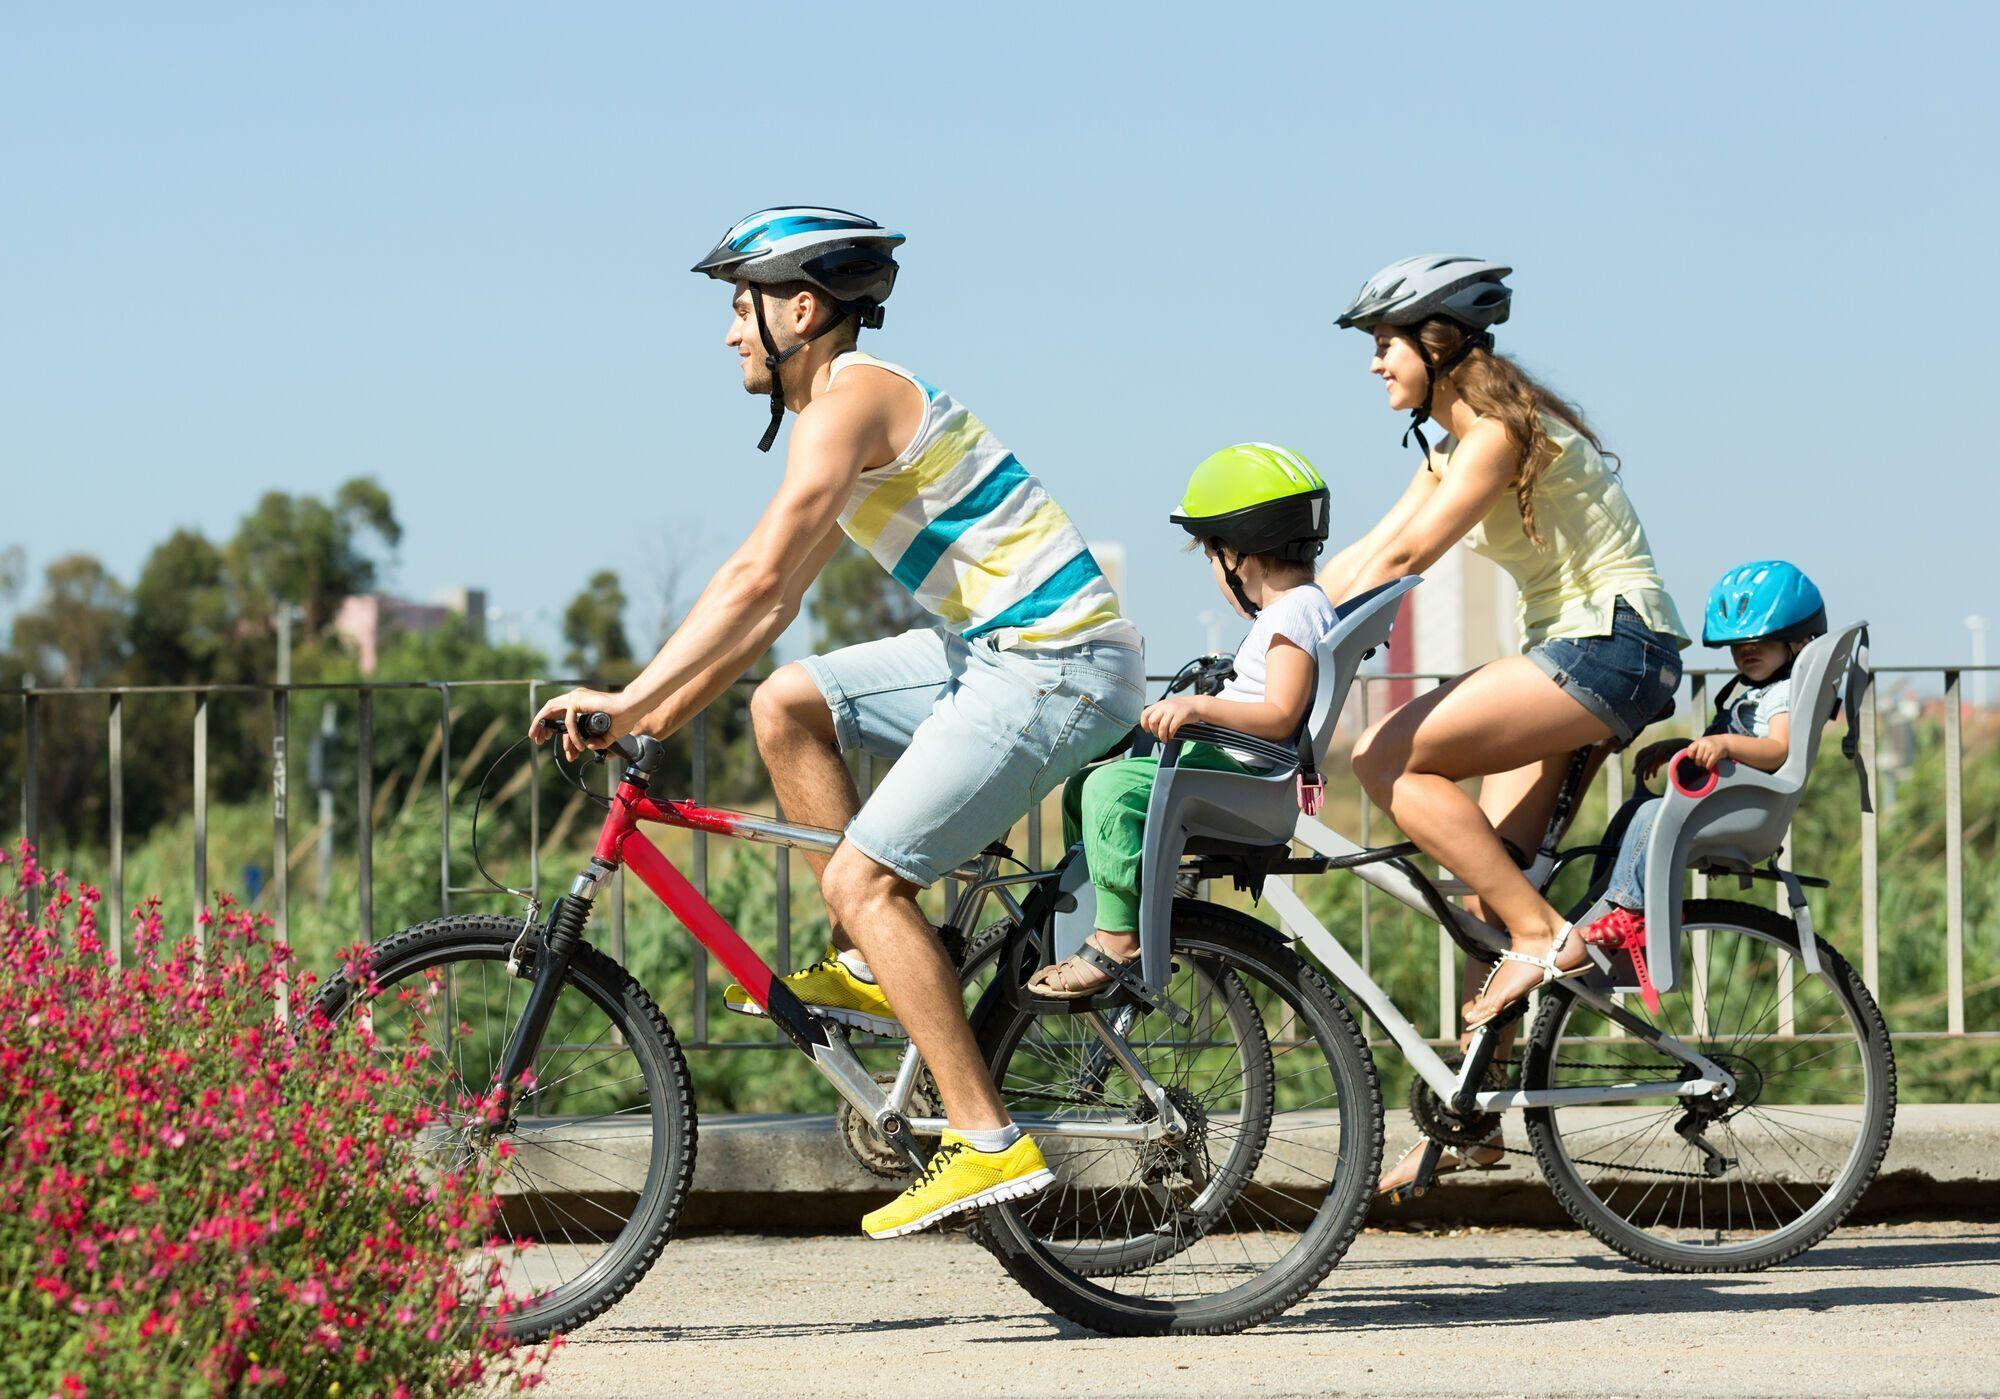 Мандрівка велосипедами подарує вашій дитині незабутні враження.